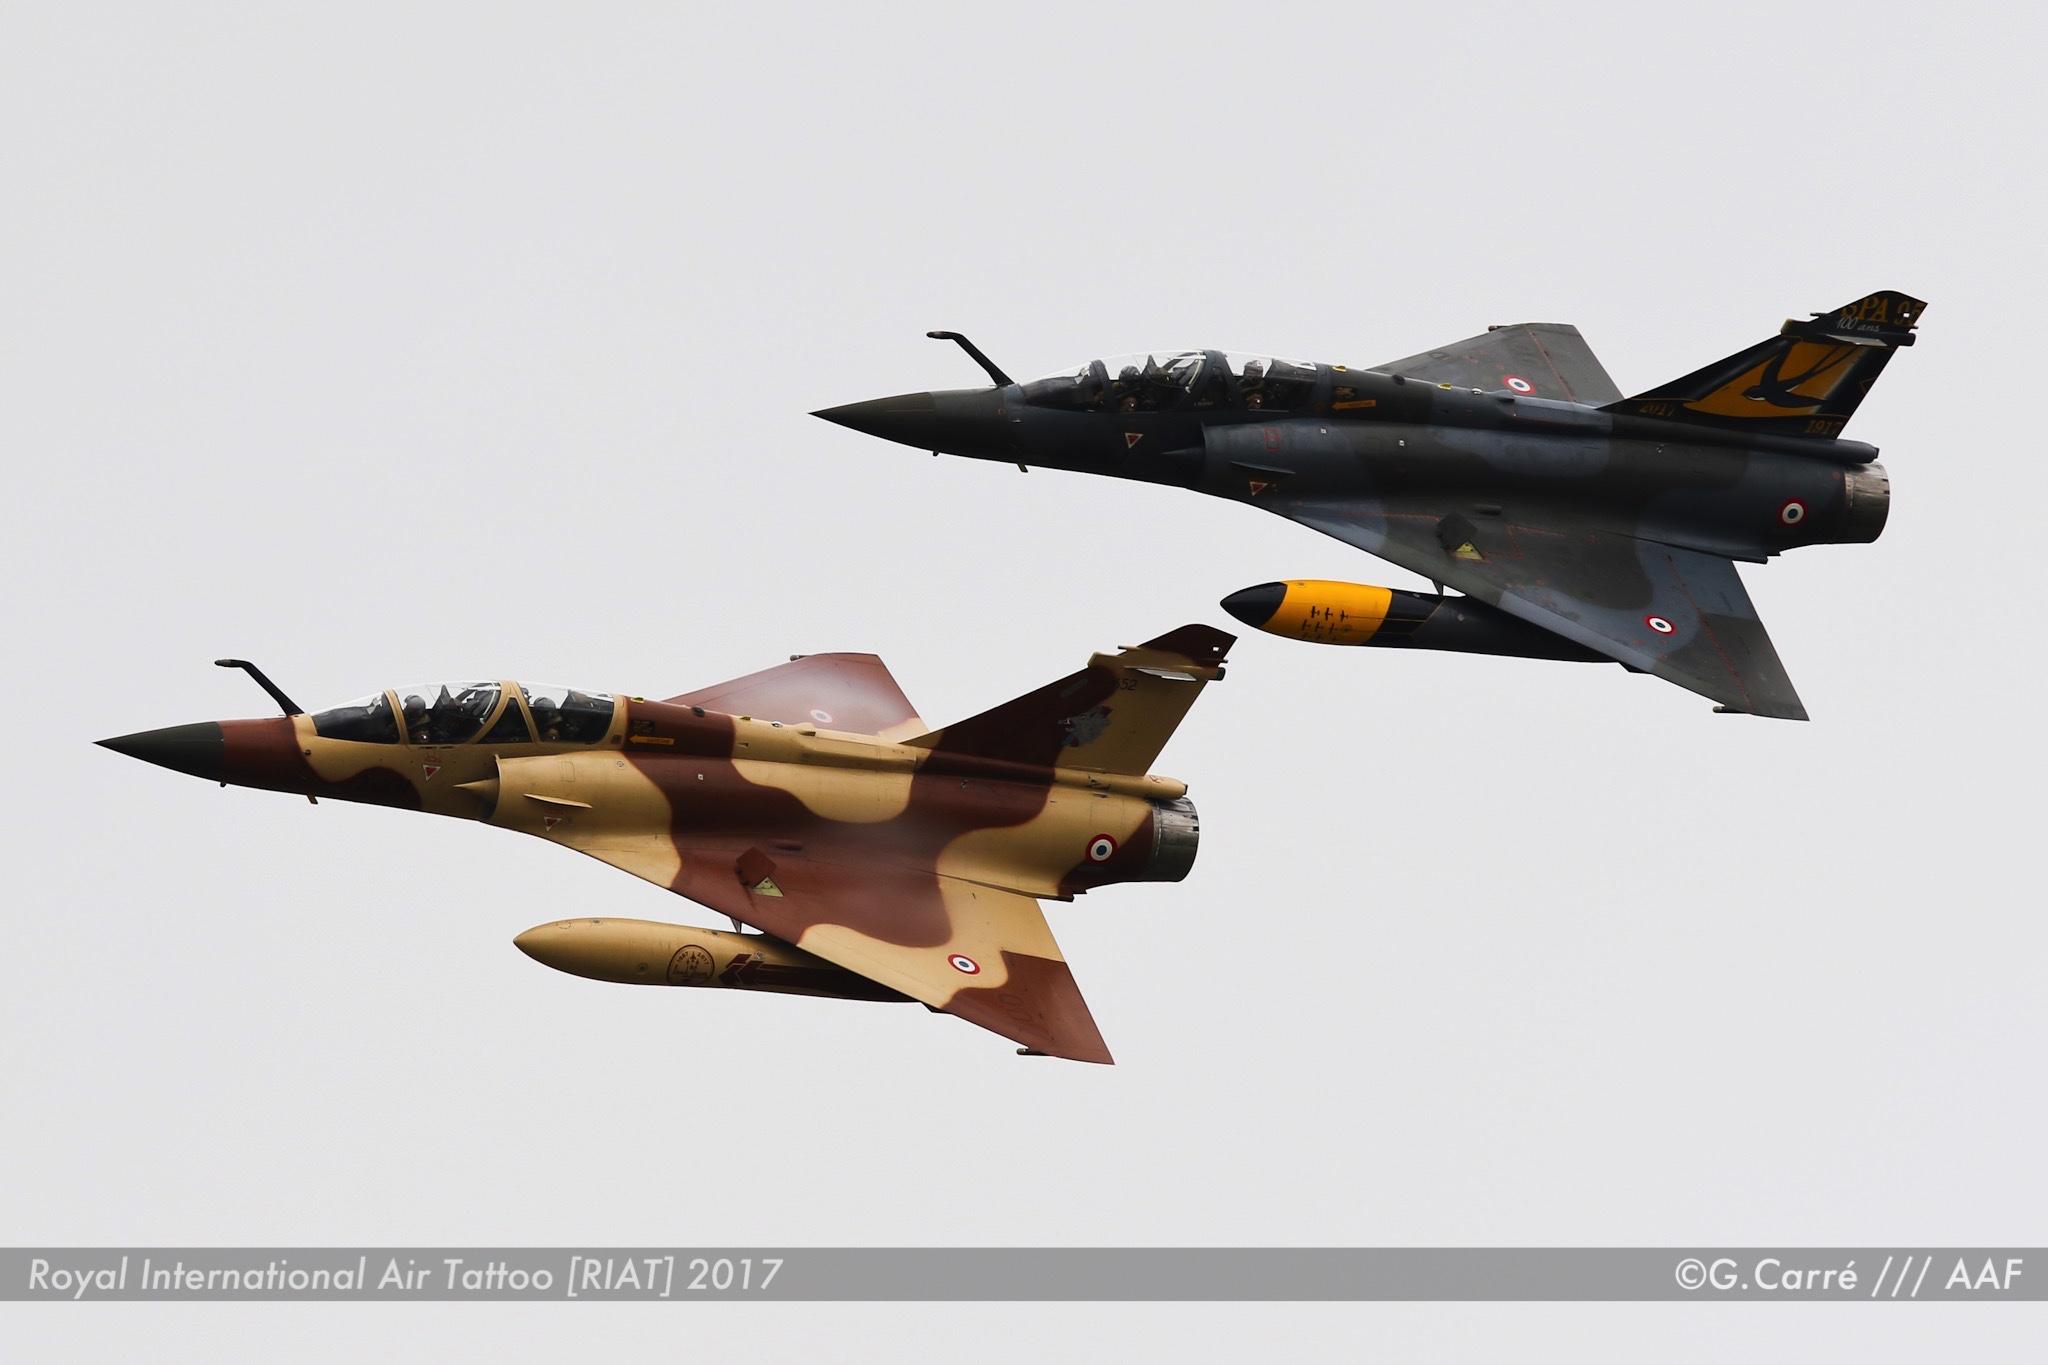 Mirage 2000 - Couteau Delta